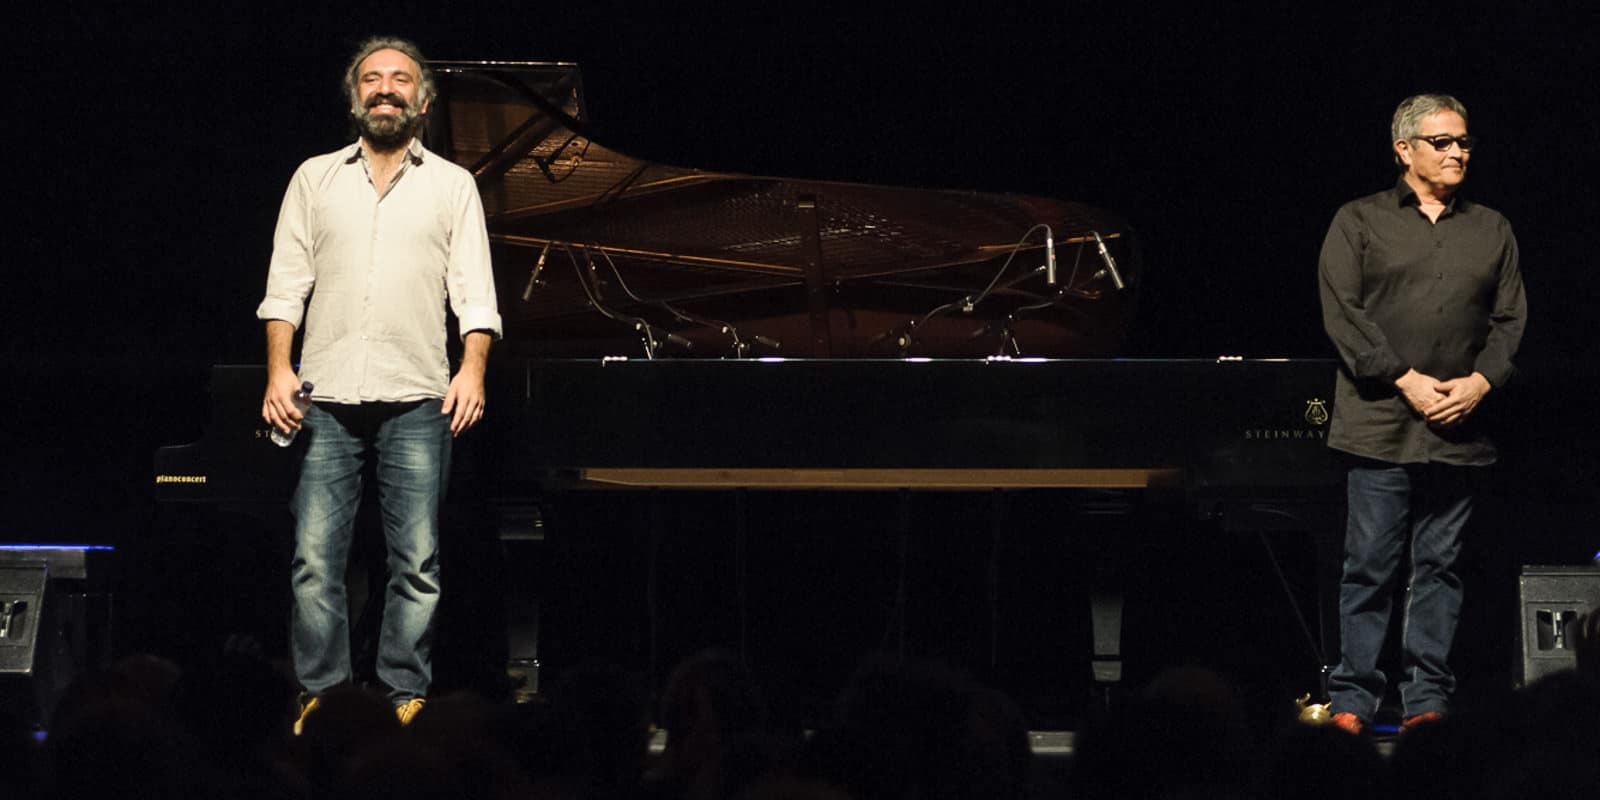 Концерт Стефано Боллани и Чано Домингеса в Москве 30 мая 2019 года